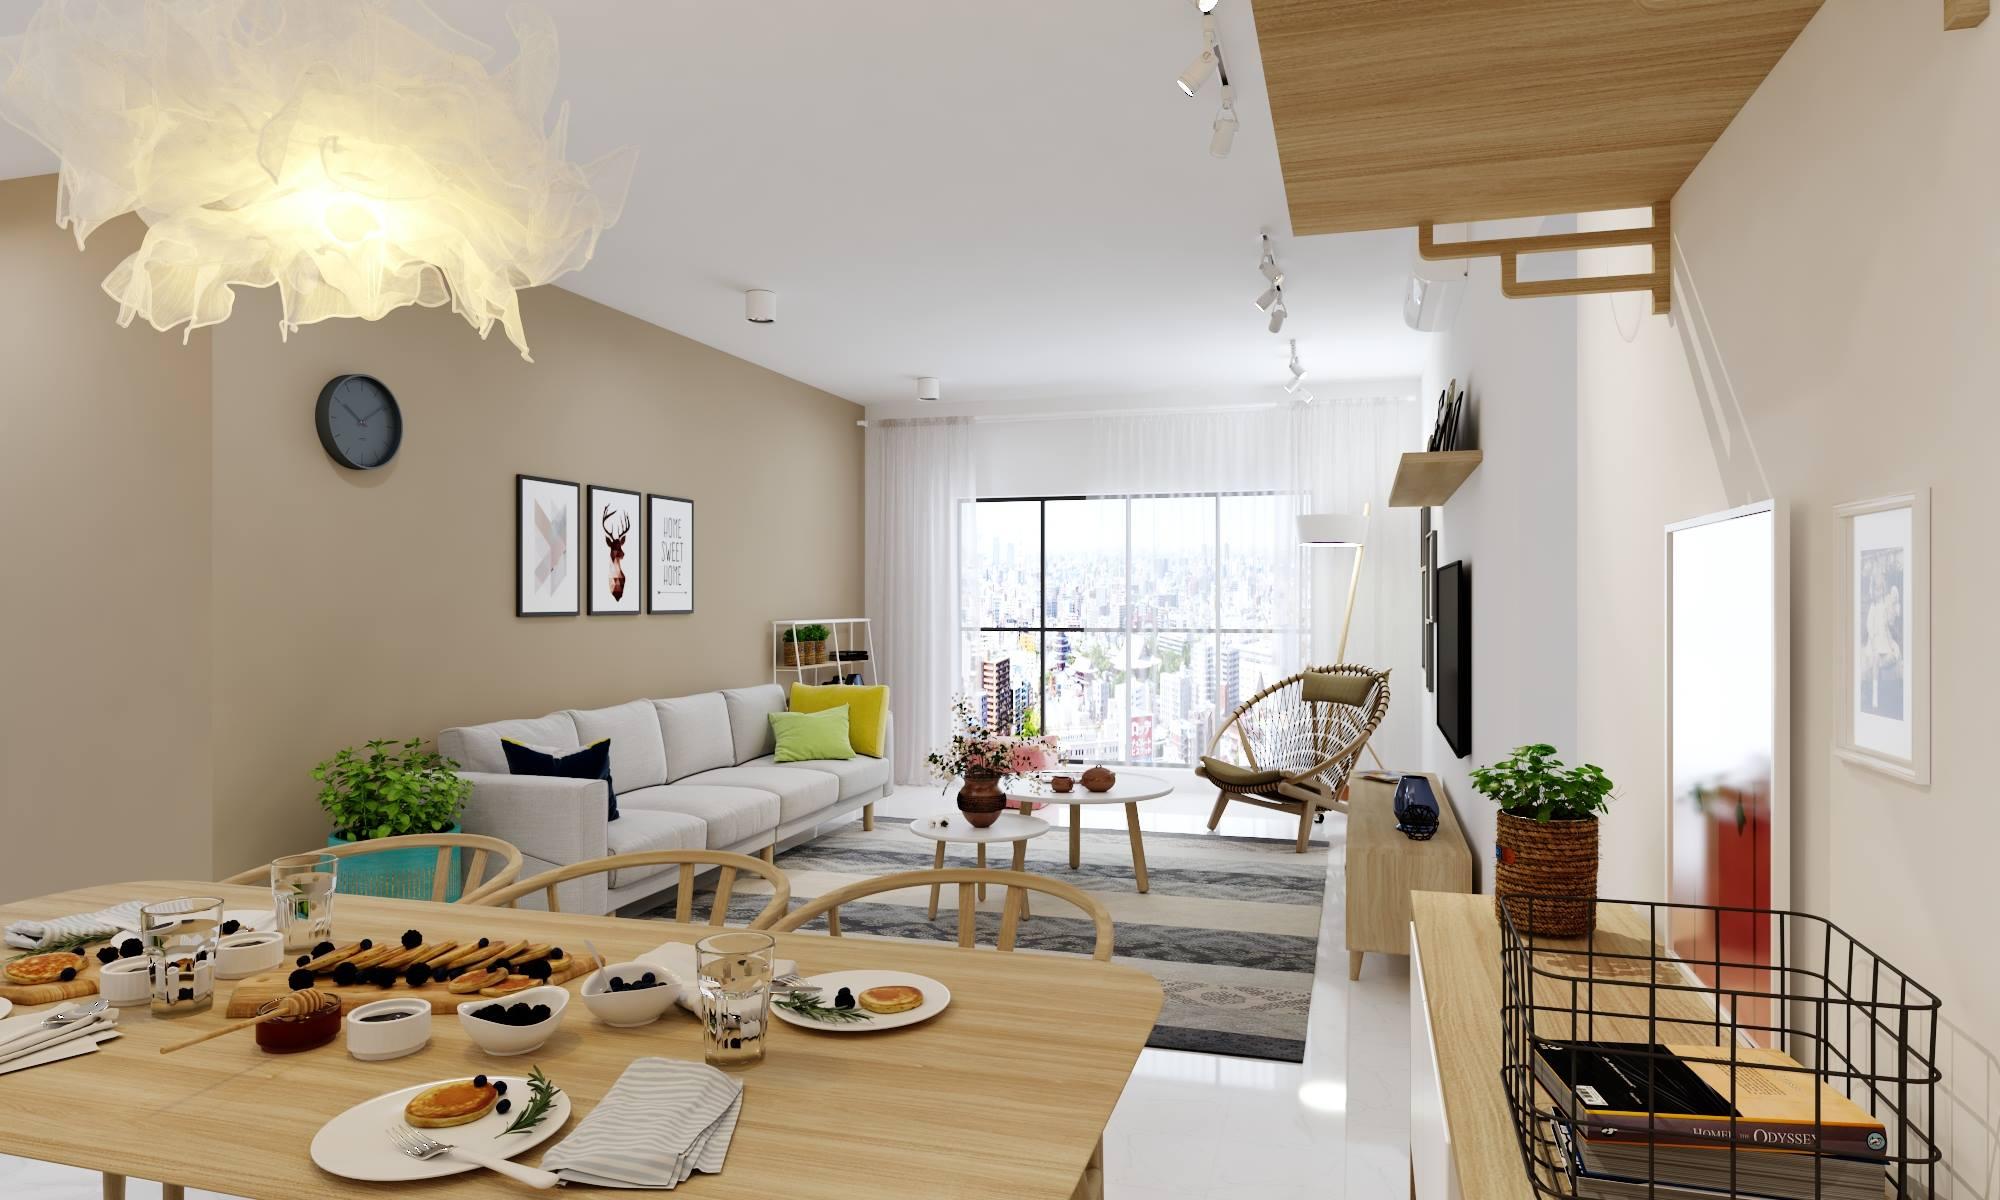 Thiết kế nội thất phòng khách chung cư ngập tràn ánh nắng - gia đình chị Lan